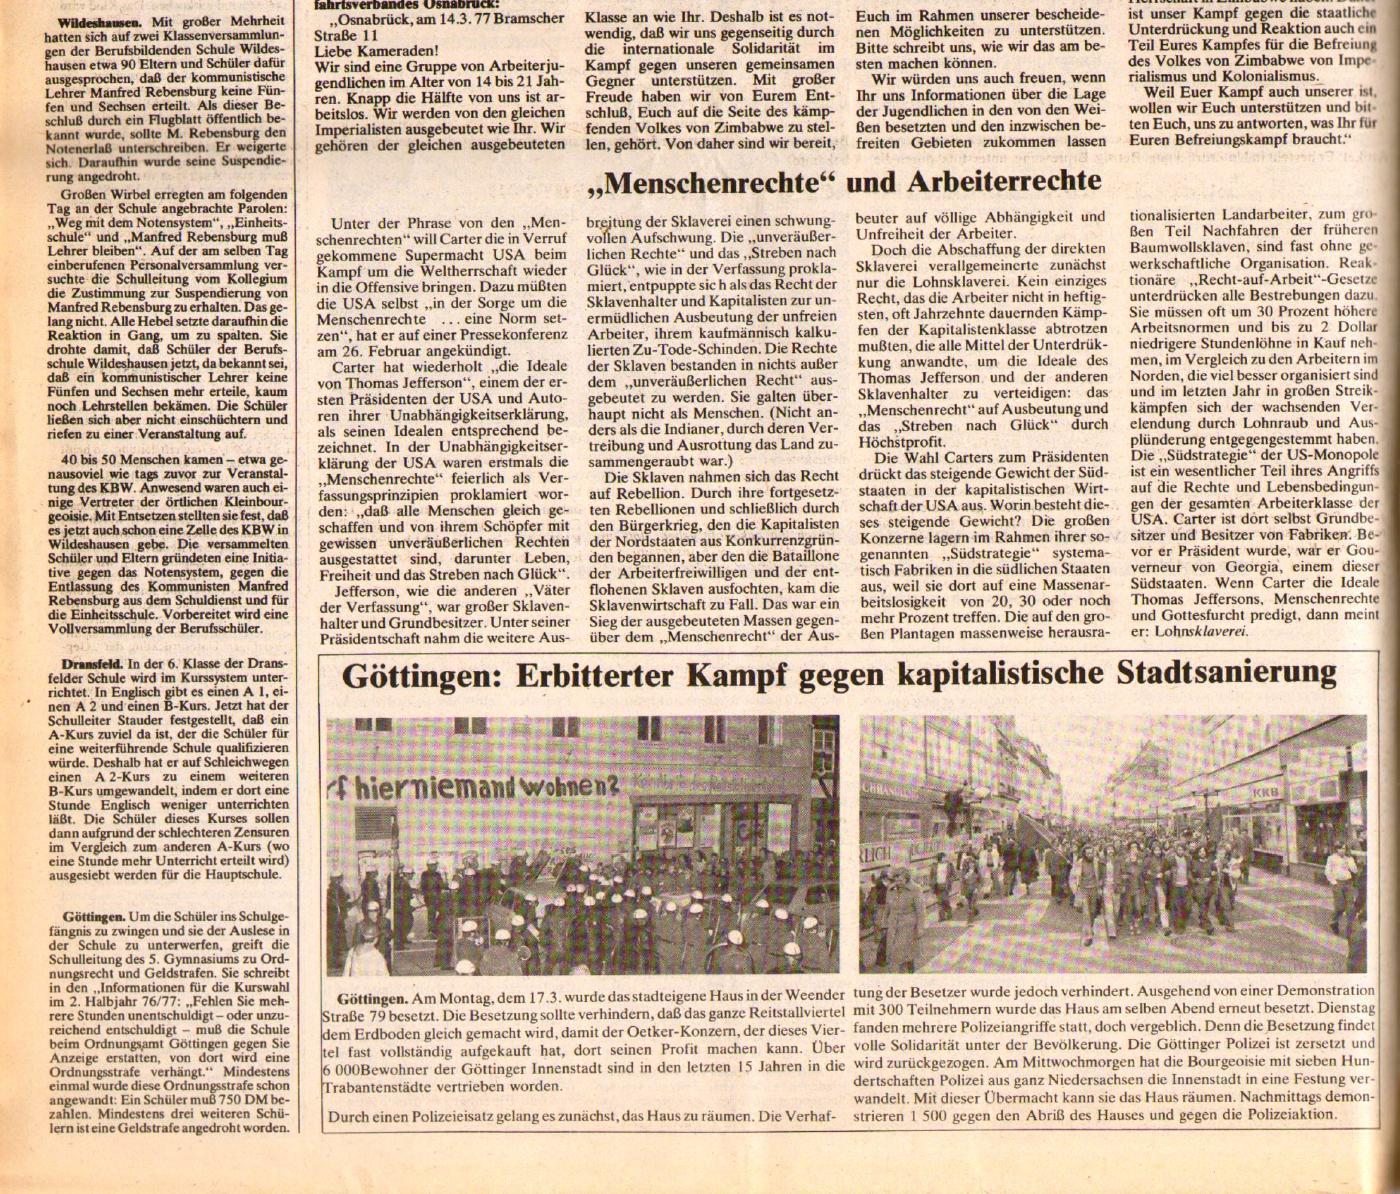 KVZ_Nord_1977_11_16